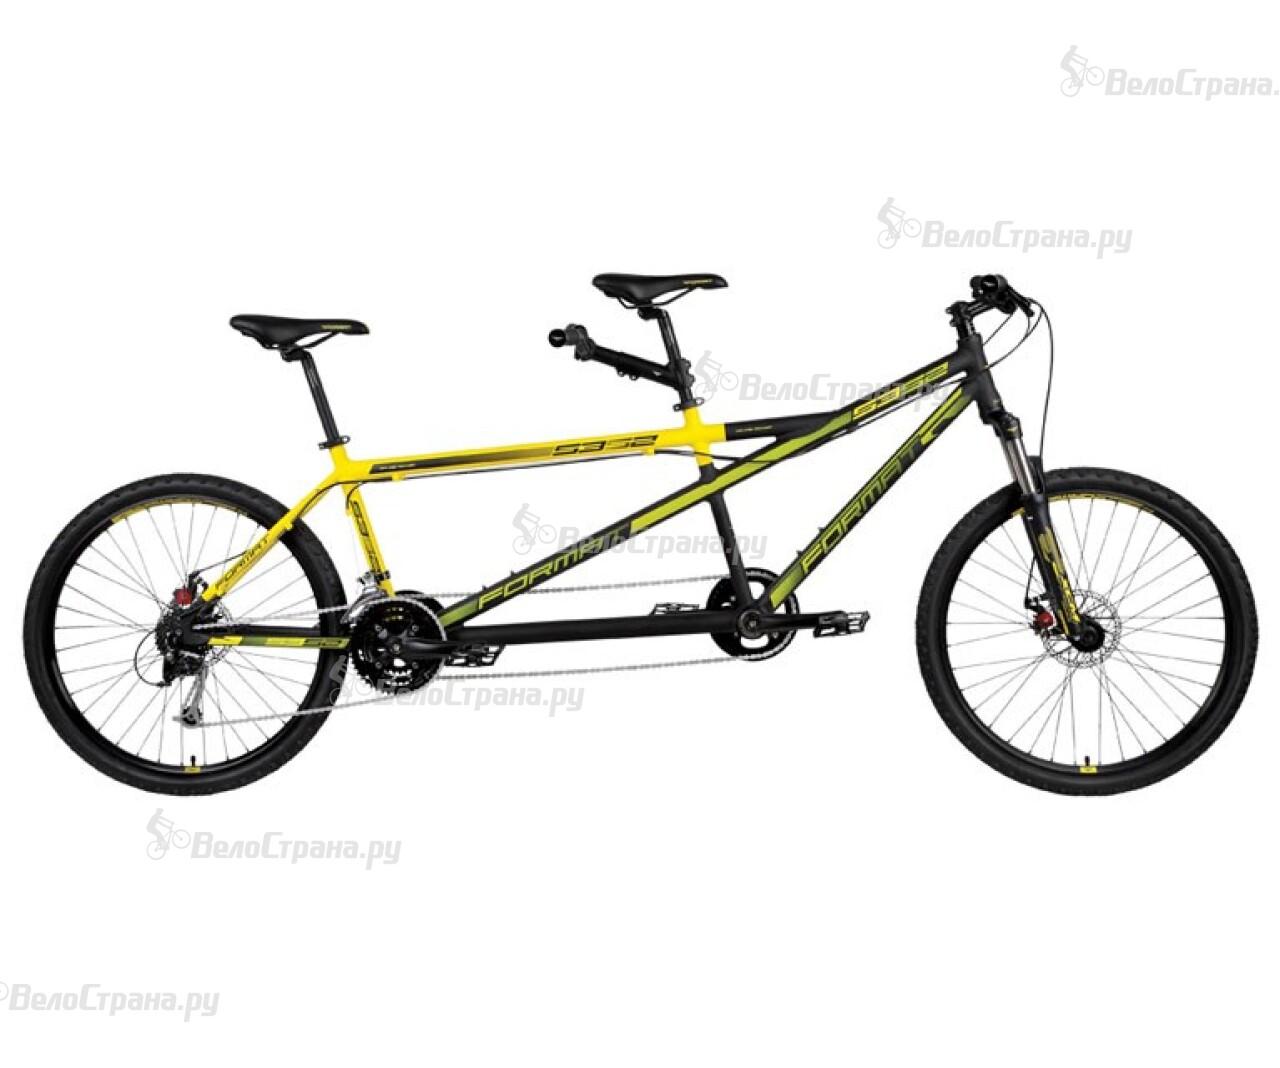 Велосипед Format 5352 (2014) велосипед format 3213 2014